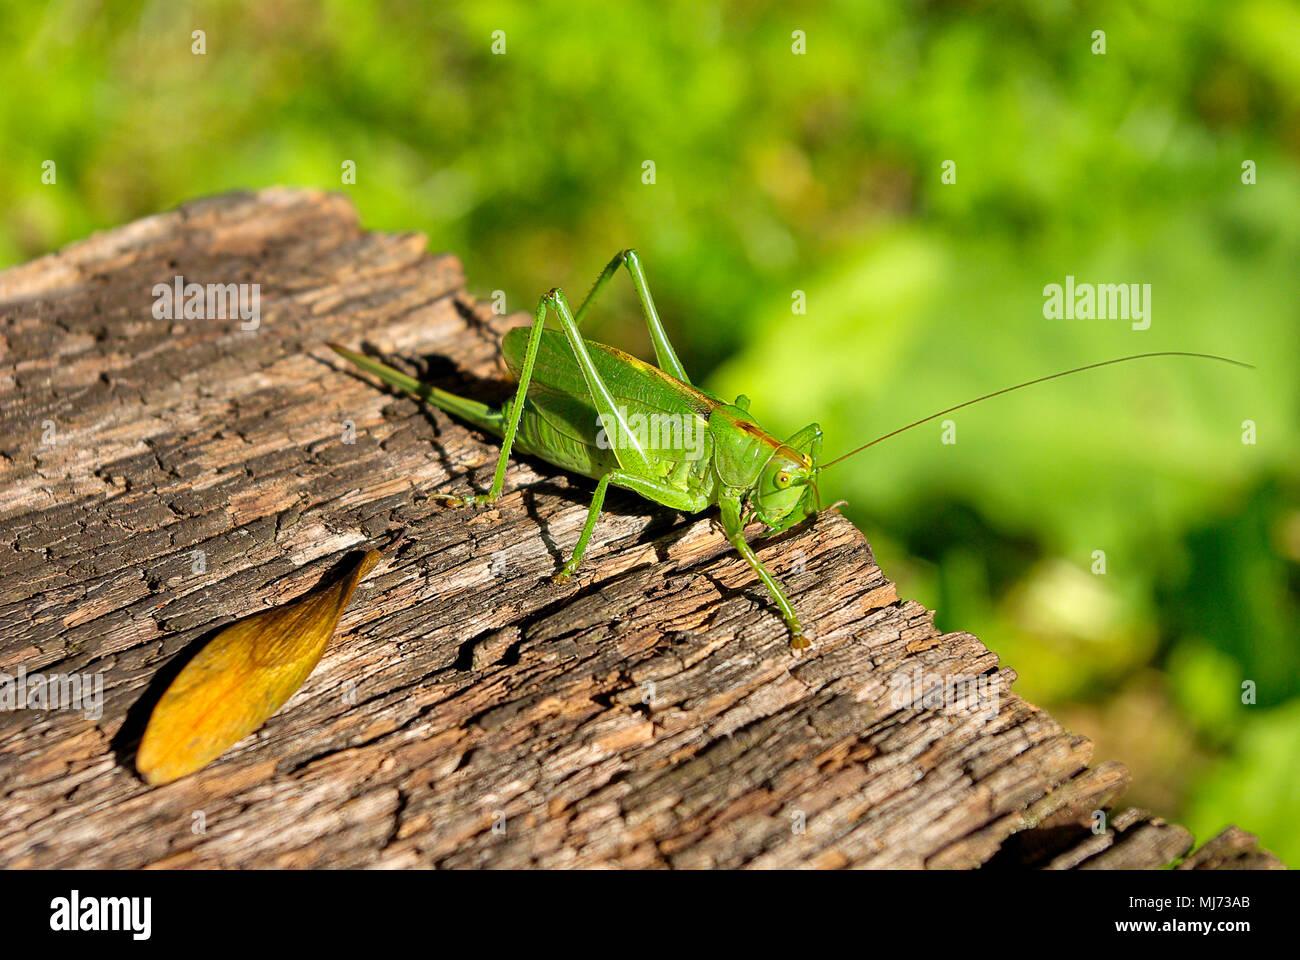 Frau Busch cricket Arten (Tettigonia) auf einem Stück verwittertes Holz. Stockfoto